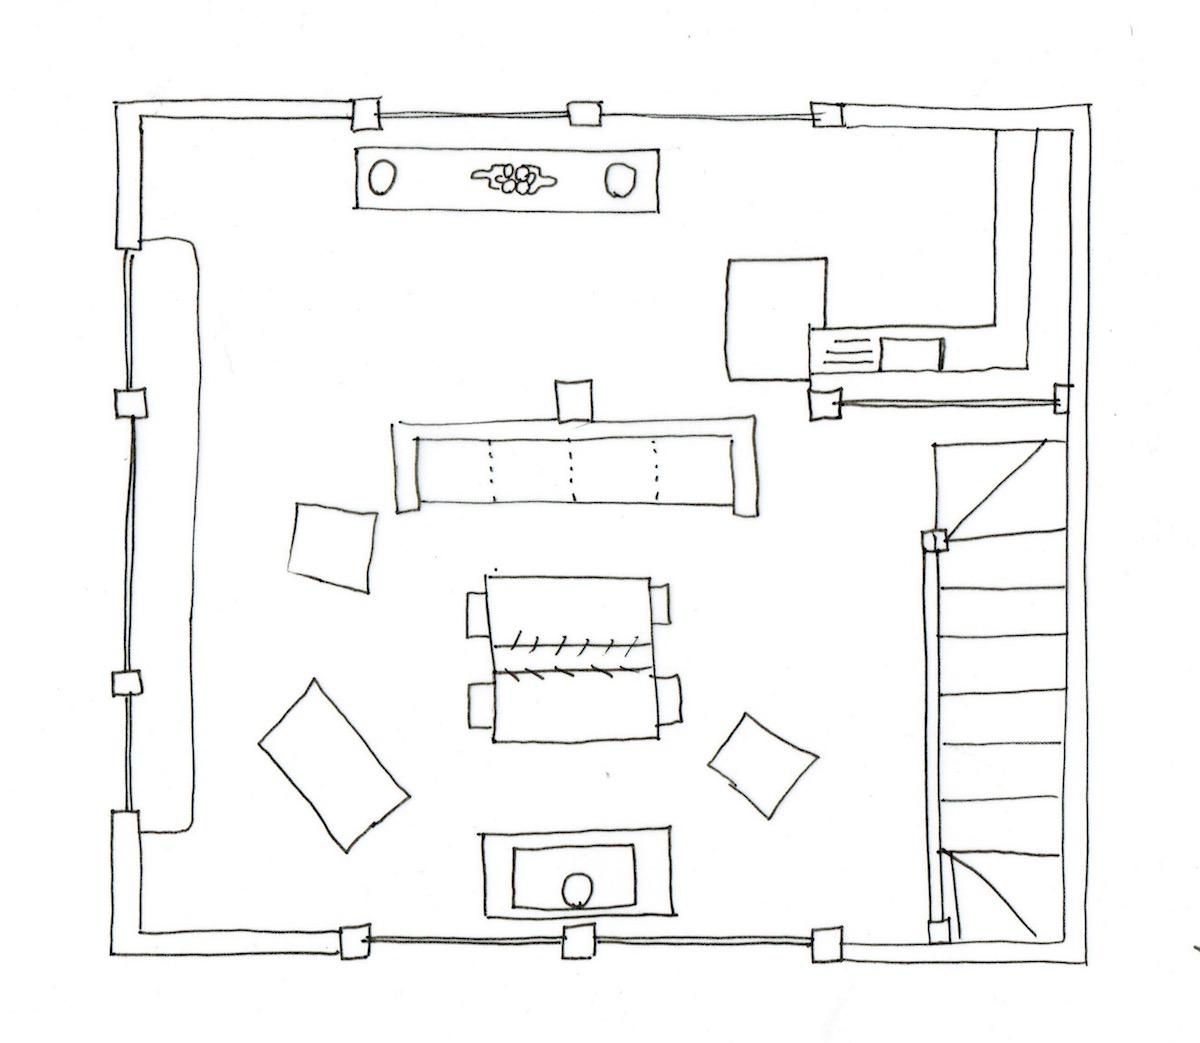 Ferme St Christophe Samoens Floor Plan 4